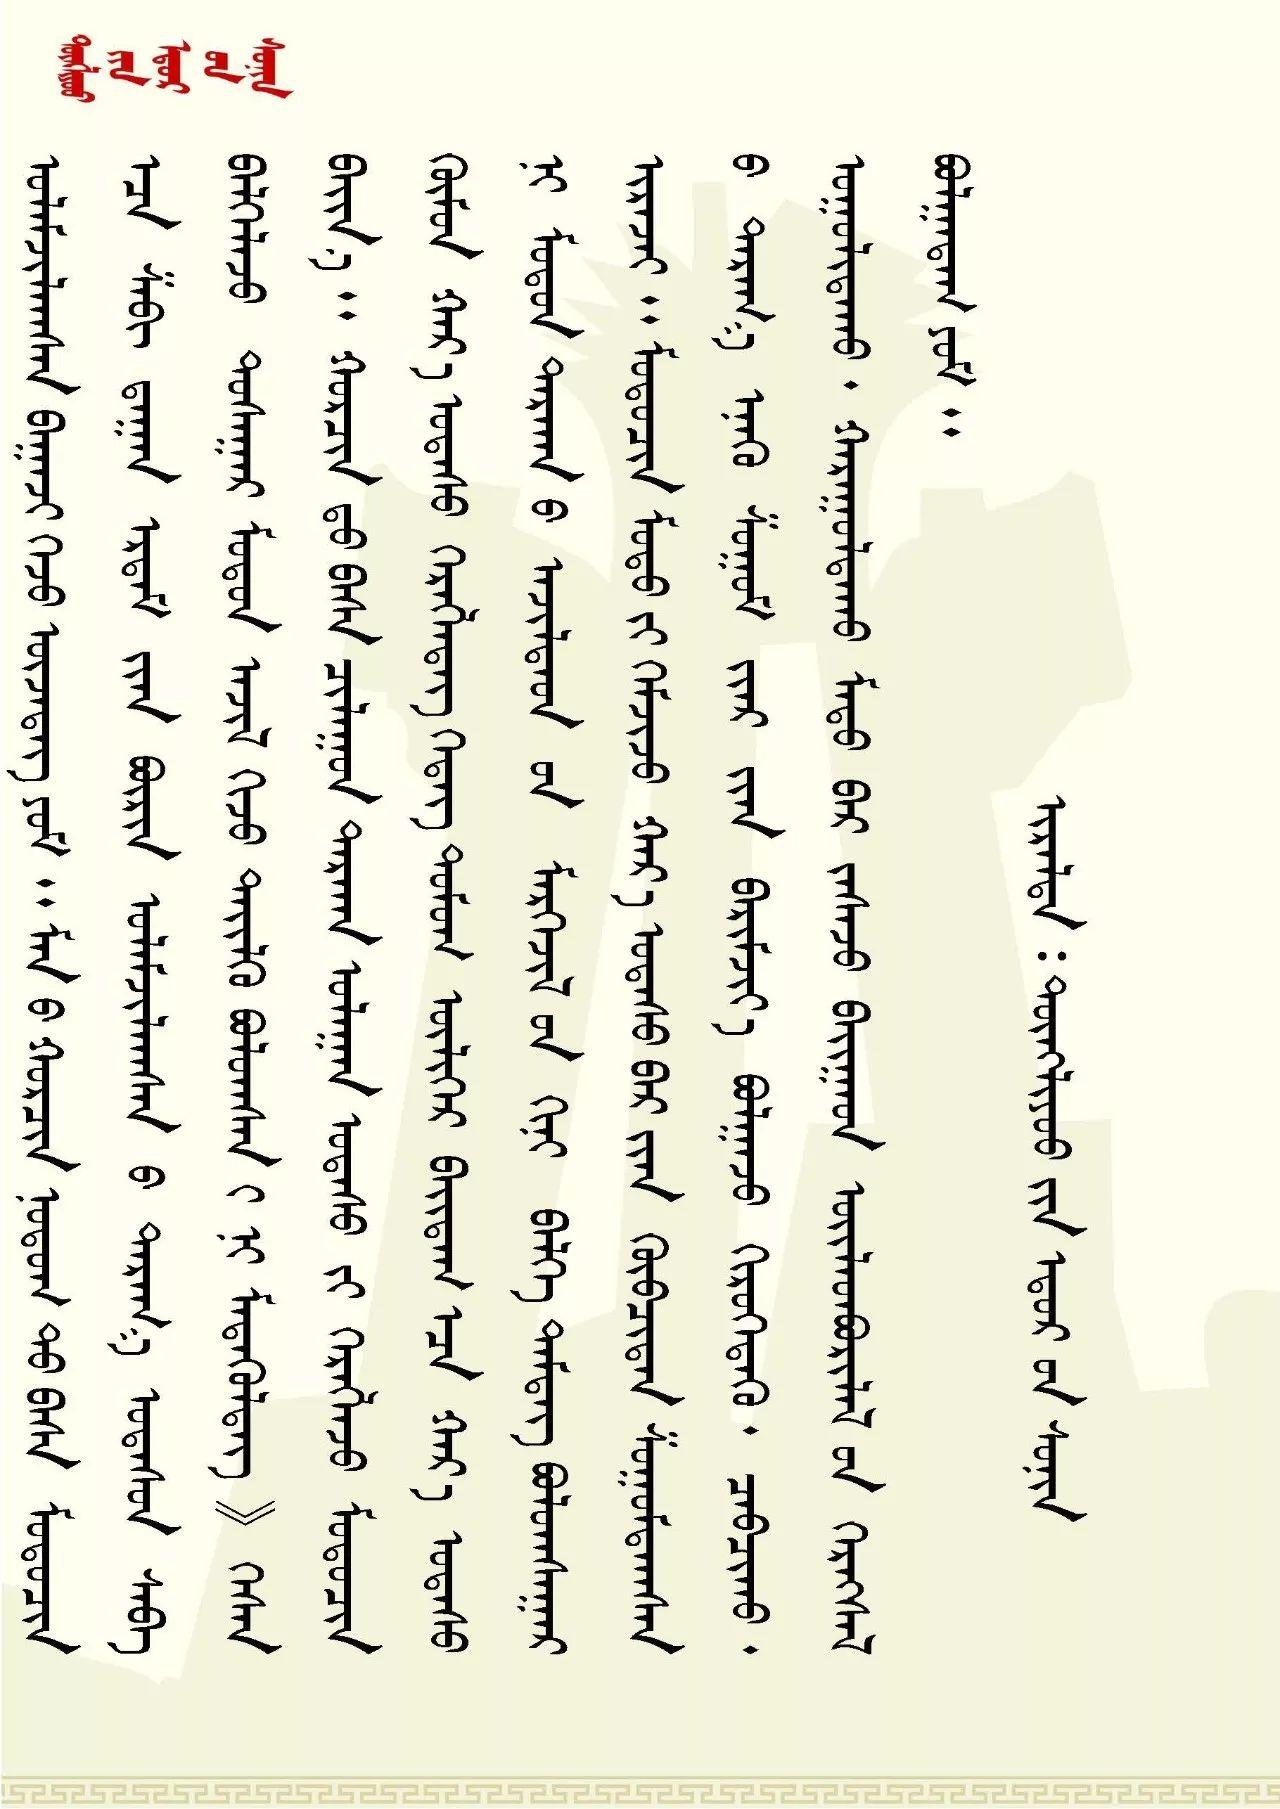 【文化】科尔沁木工文化(蒙古文) 第23张 【文化】科尔沁木工文化(蒙古文) 蒙古文化